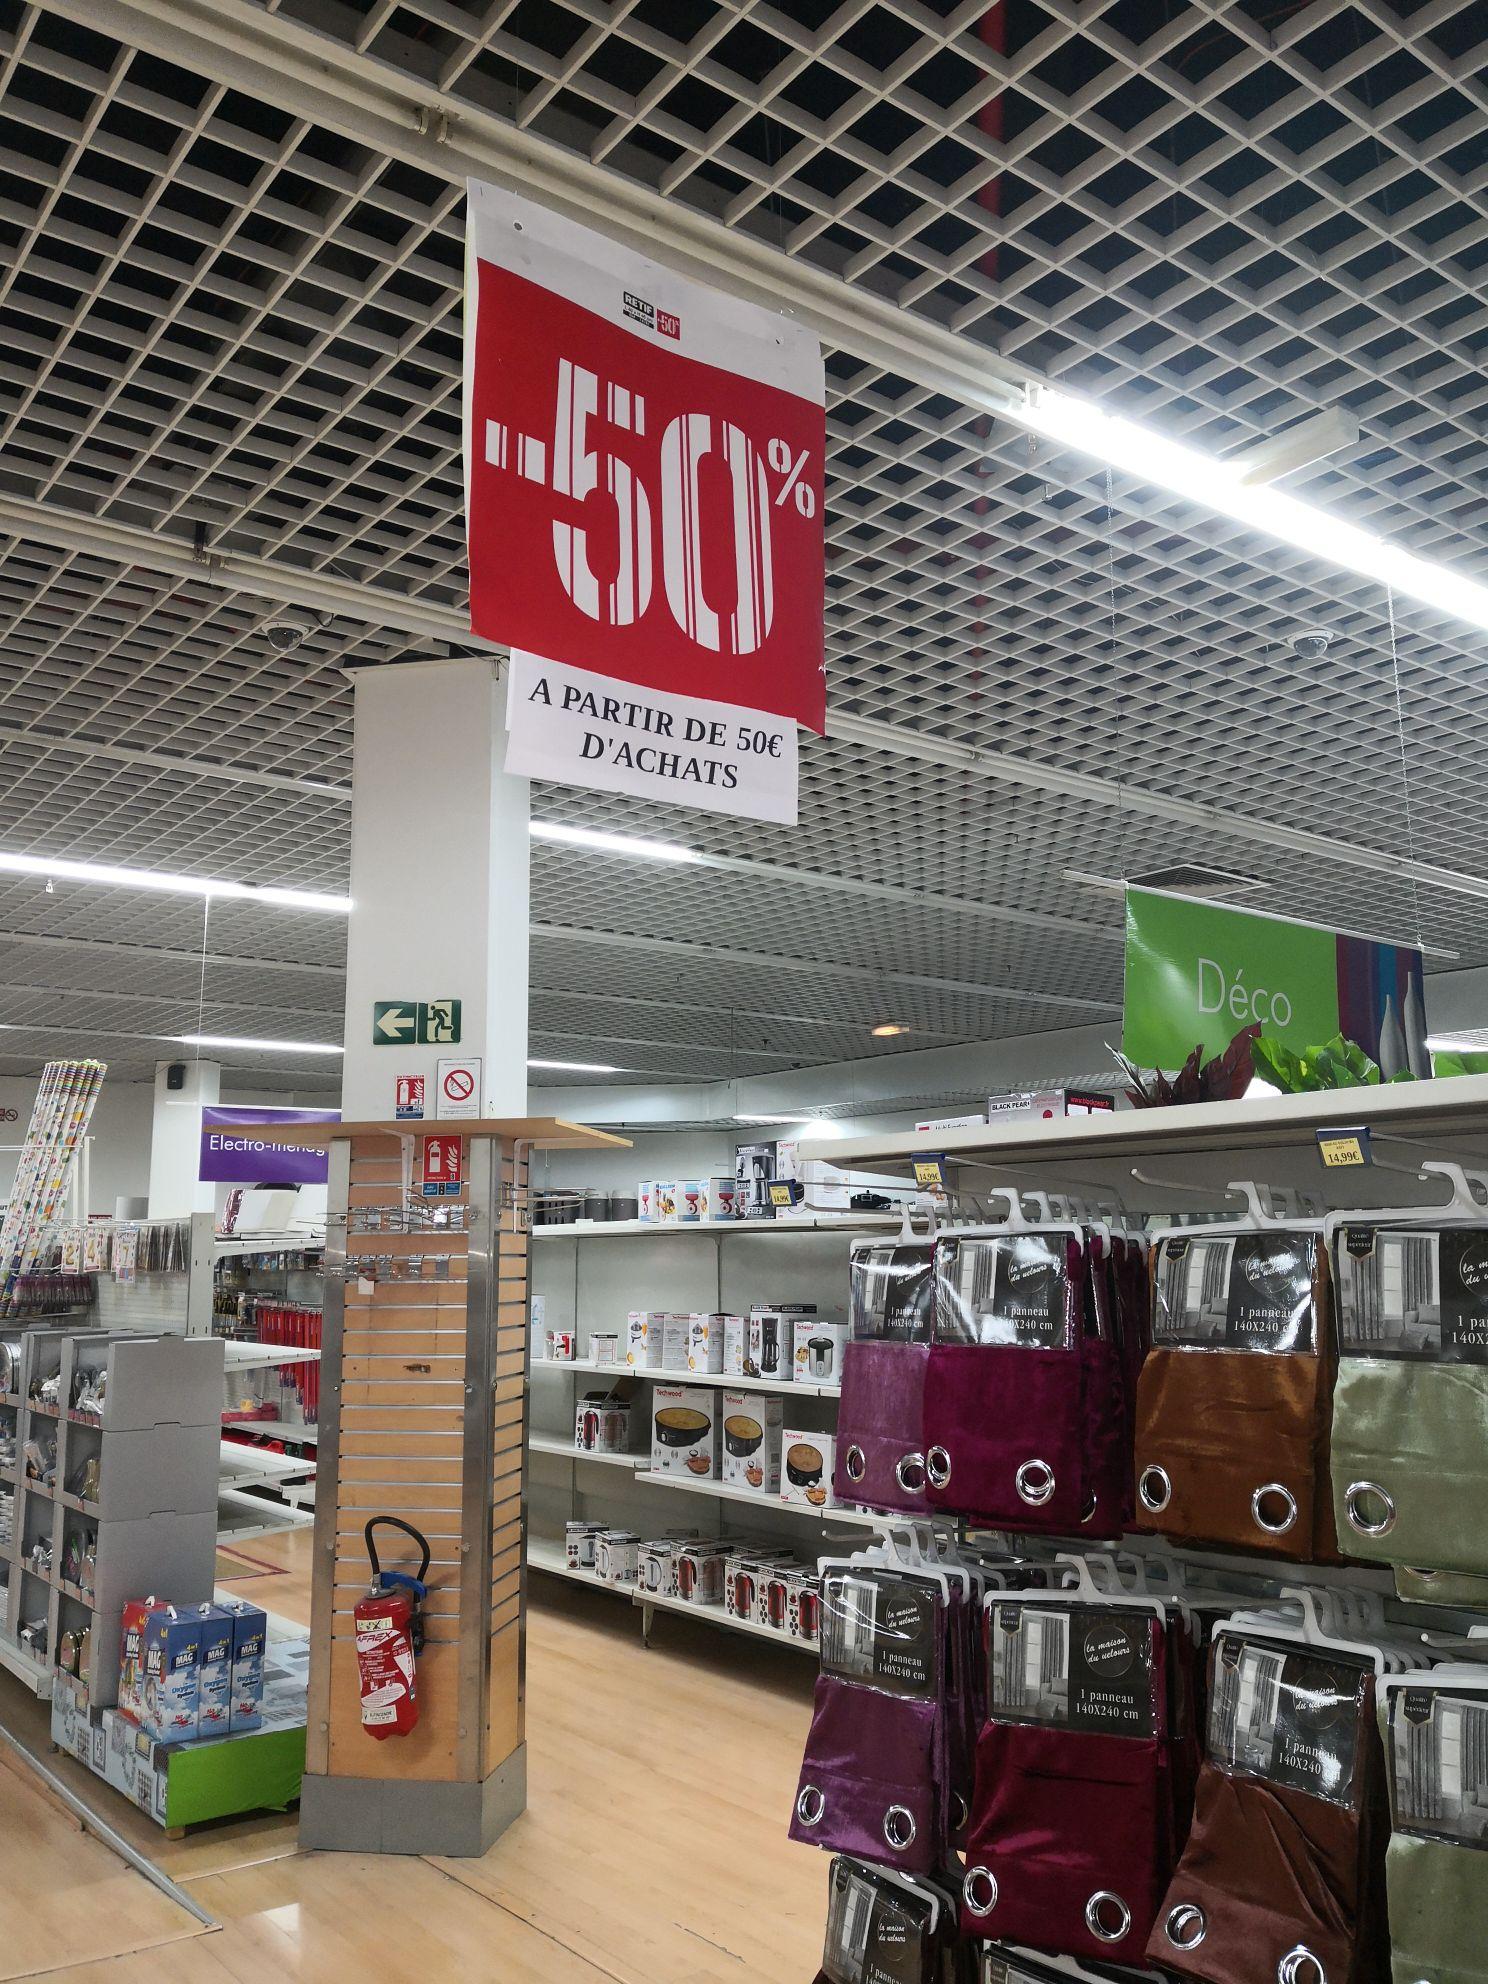 50% de réduction à partir de 50€ d'achat - Destock Discount vitry sur seine (94)